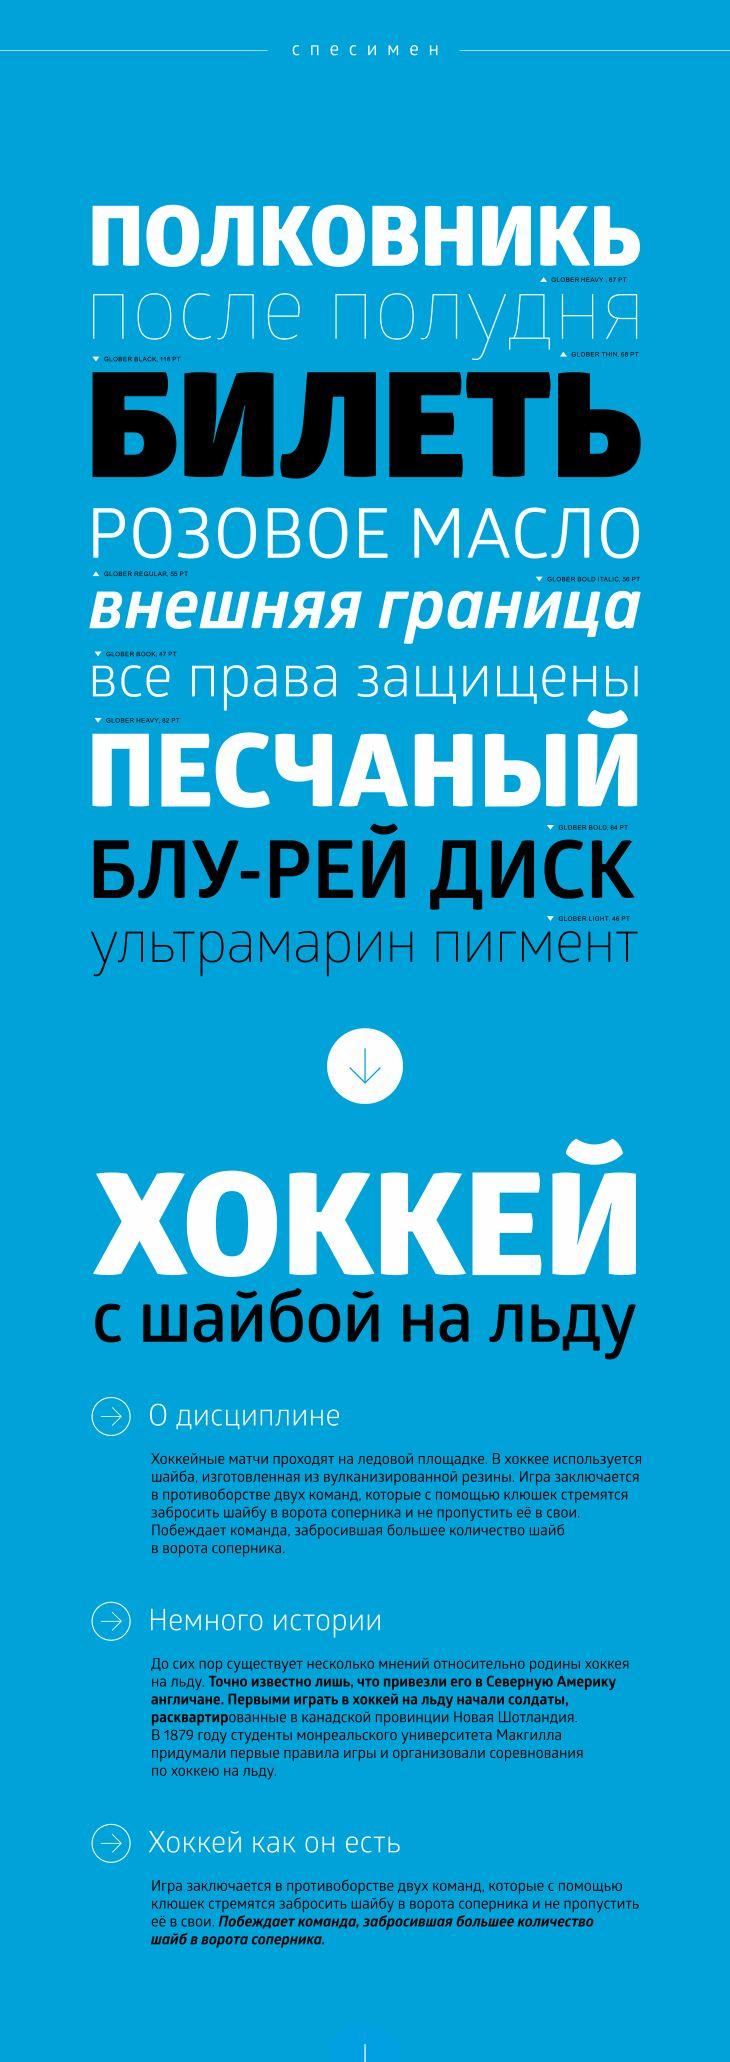 Glober free font 07